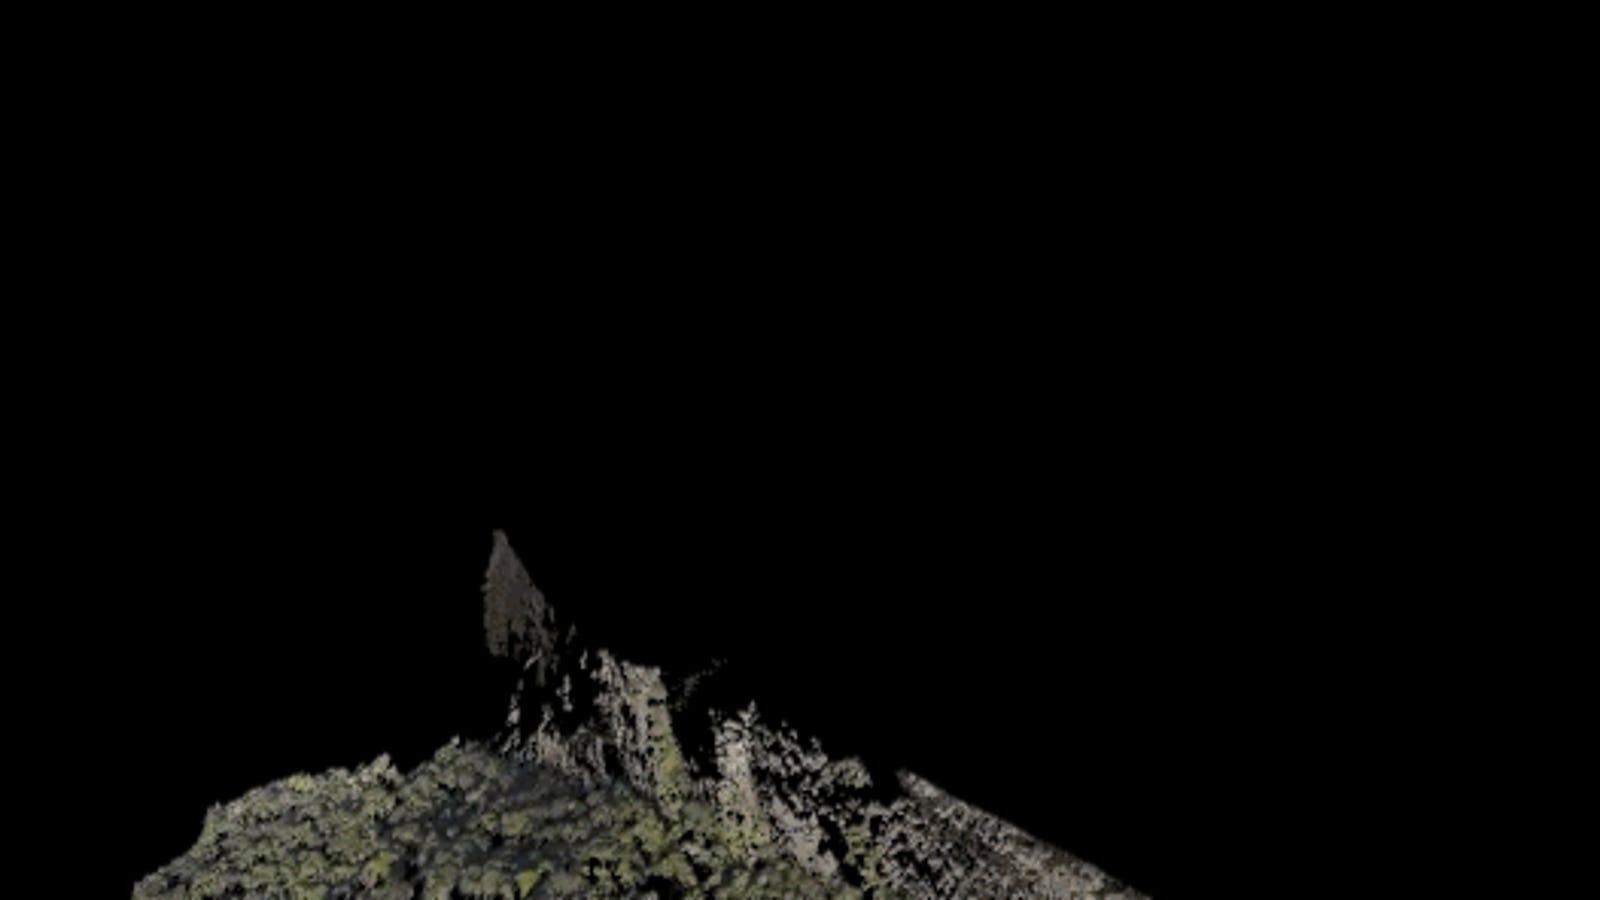 Cómo escanearon en 3D y con drones la estatua del Cristo Redentor de Río